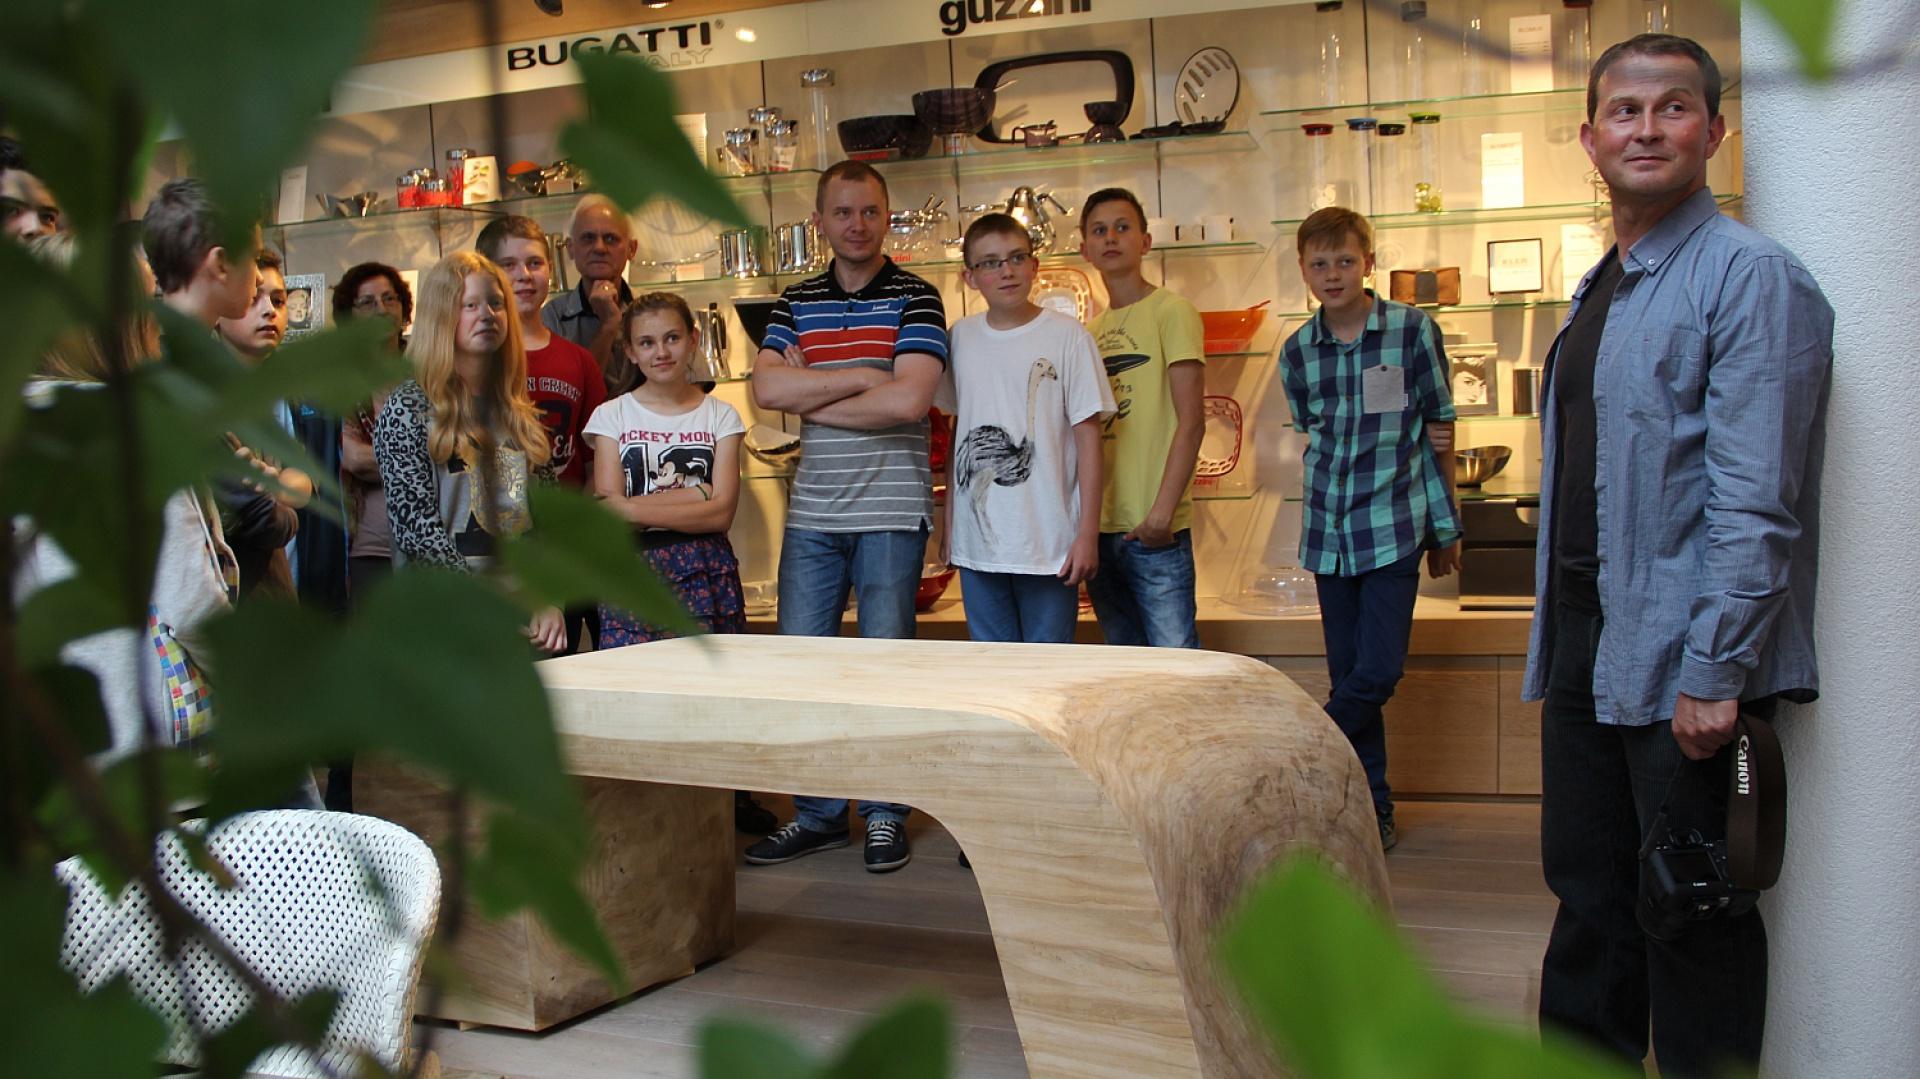 Plener rzeźbiarski - jedna z wystaw Śląskiego Czerwca Projektowego. Fot. Organizator wydarzenia